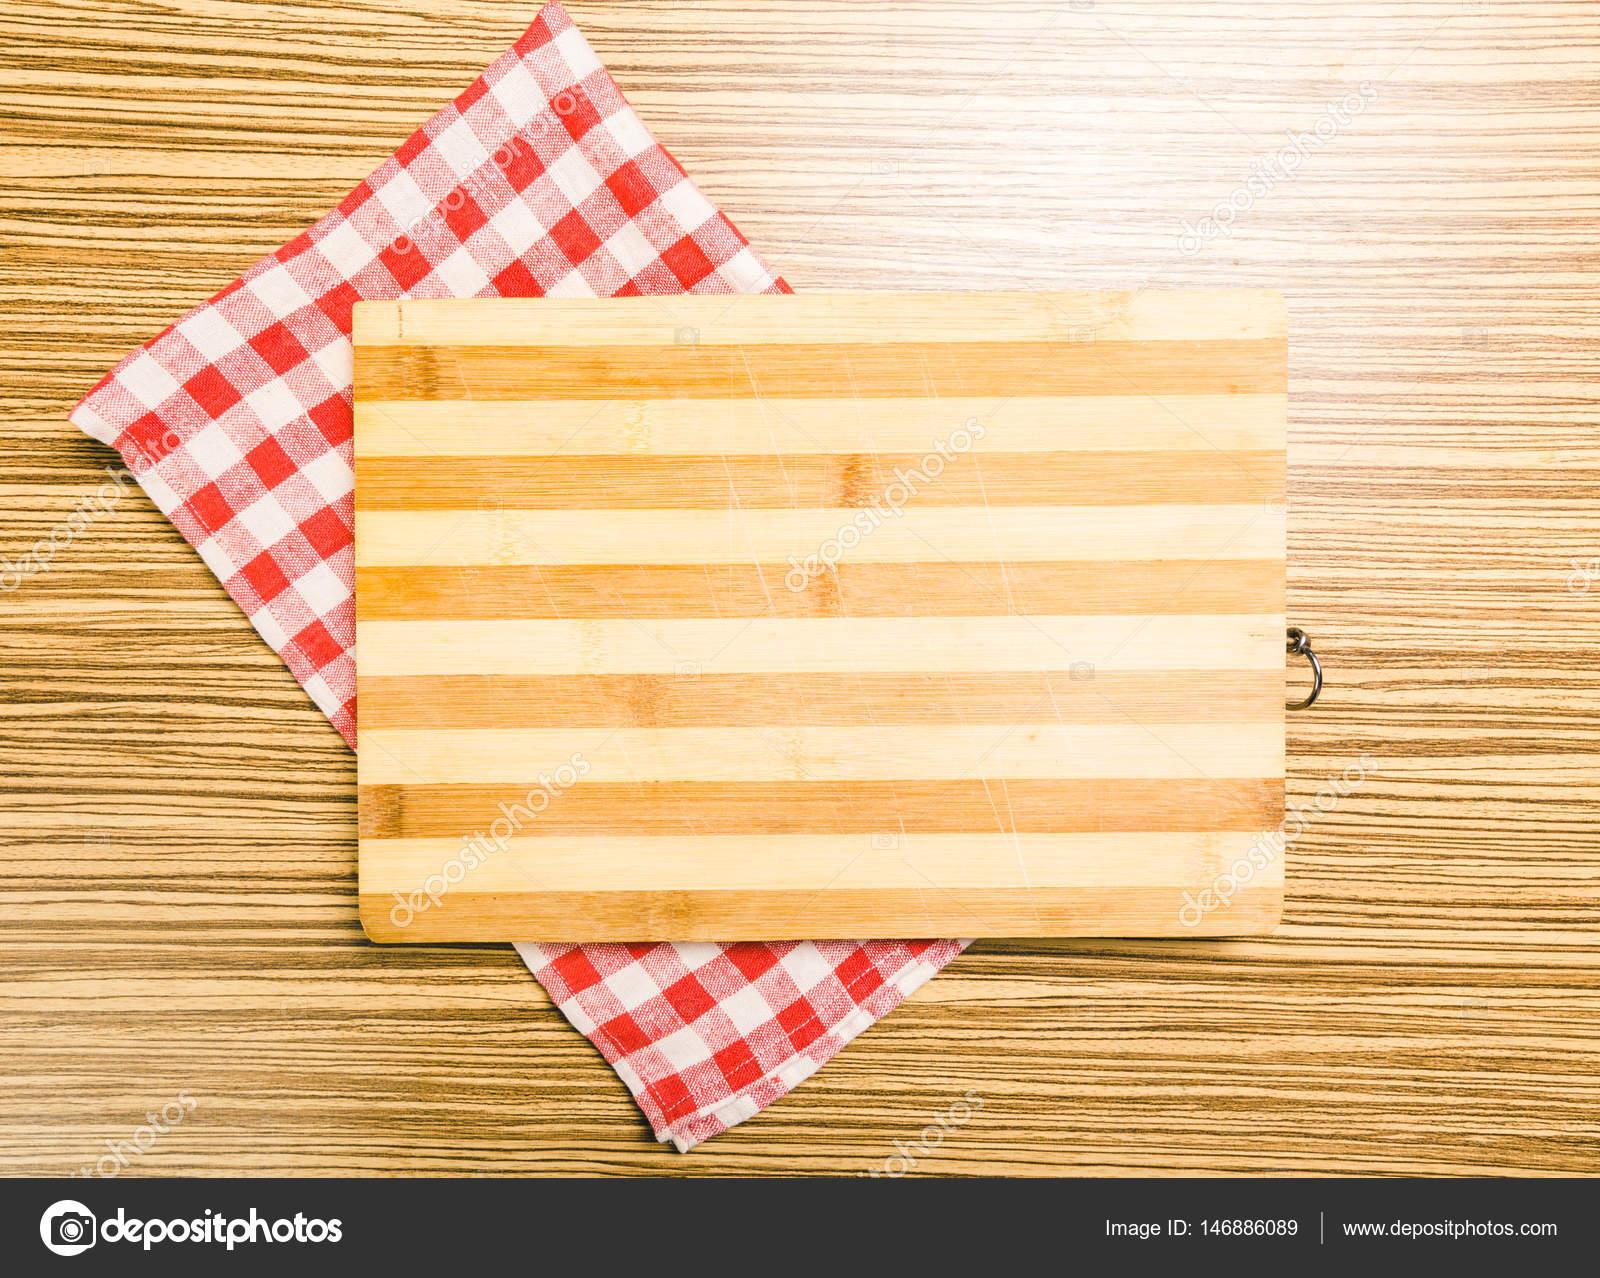 Küche-Schreibtisch auf Tischdecke — Stockfoto © Fotofabrika #146886089